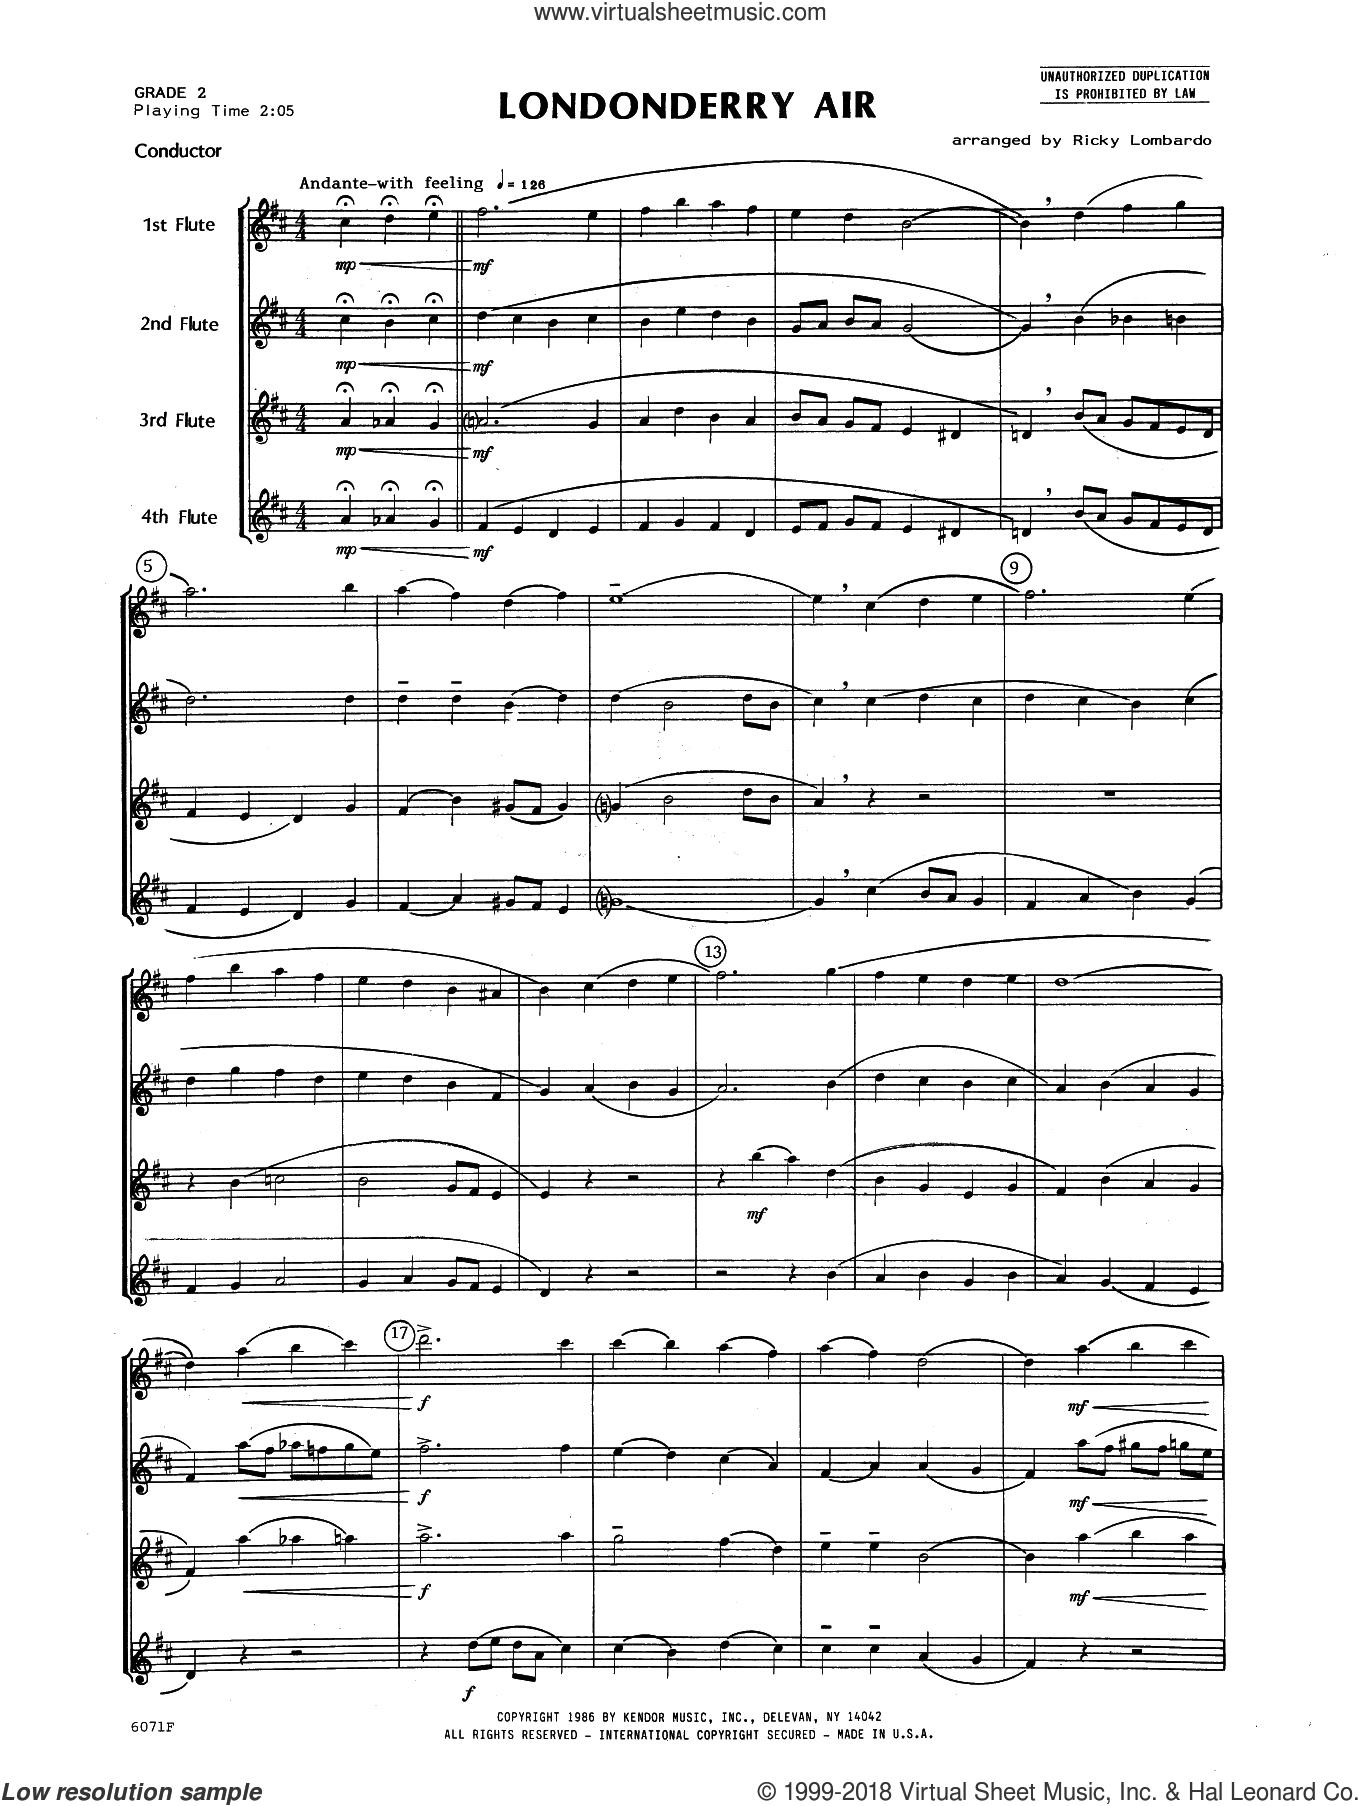 Lombardo - Londonderry Air sheet music ...